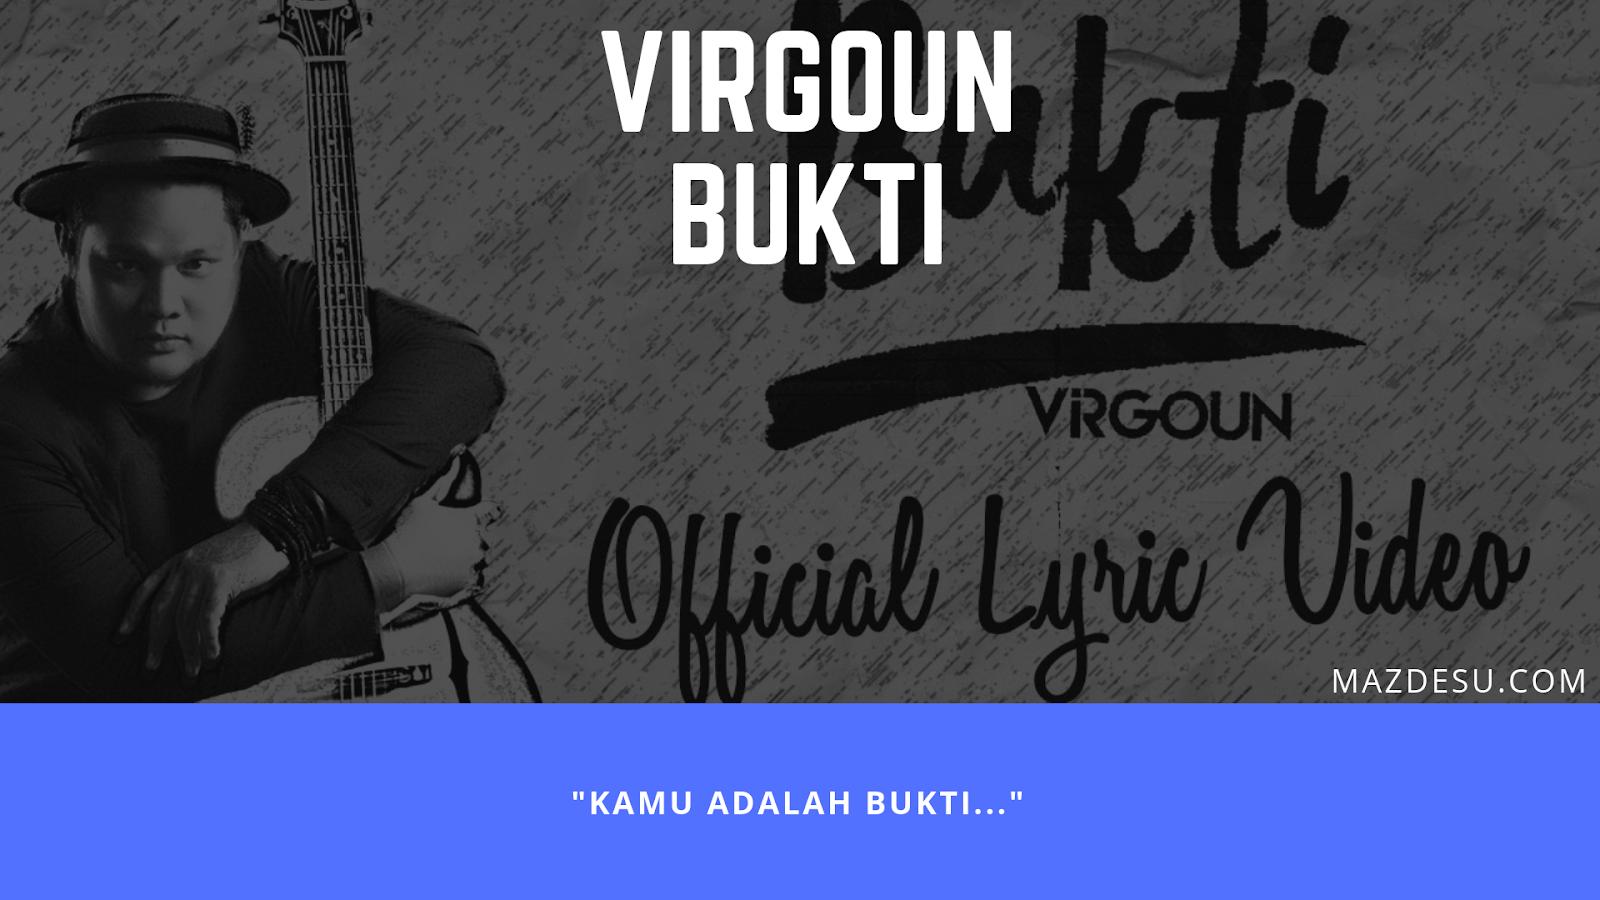 Lirik Lagu Virgoun – Bukti